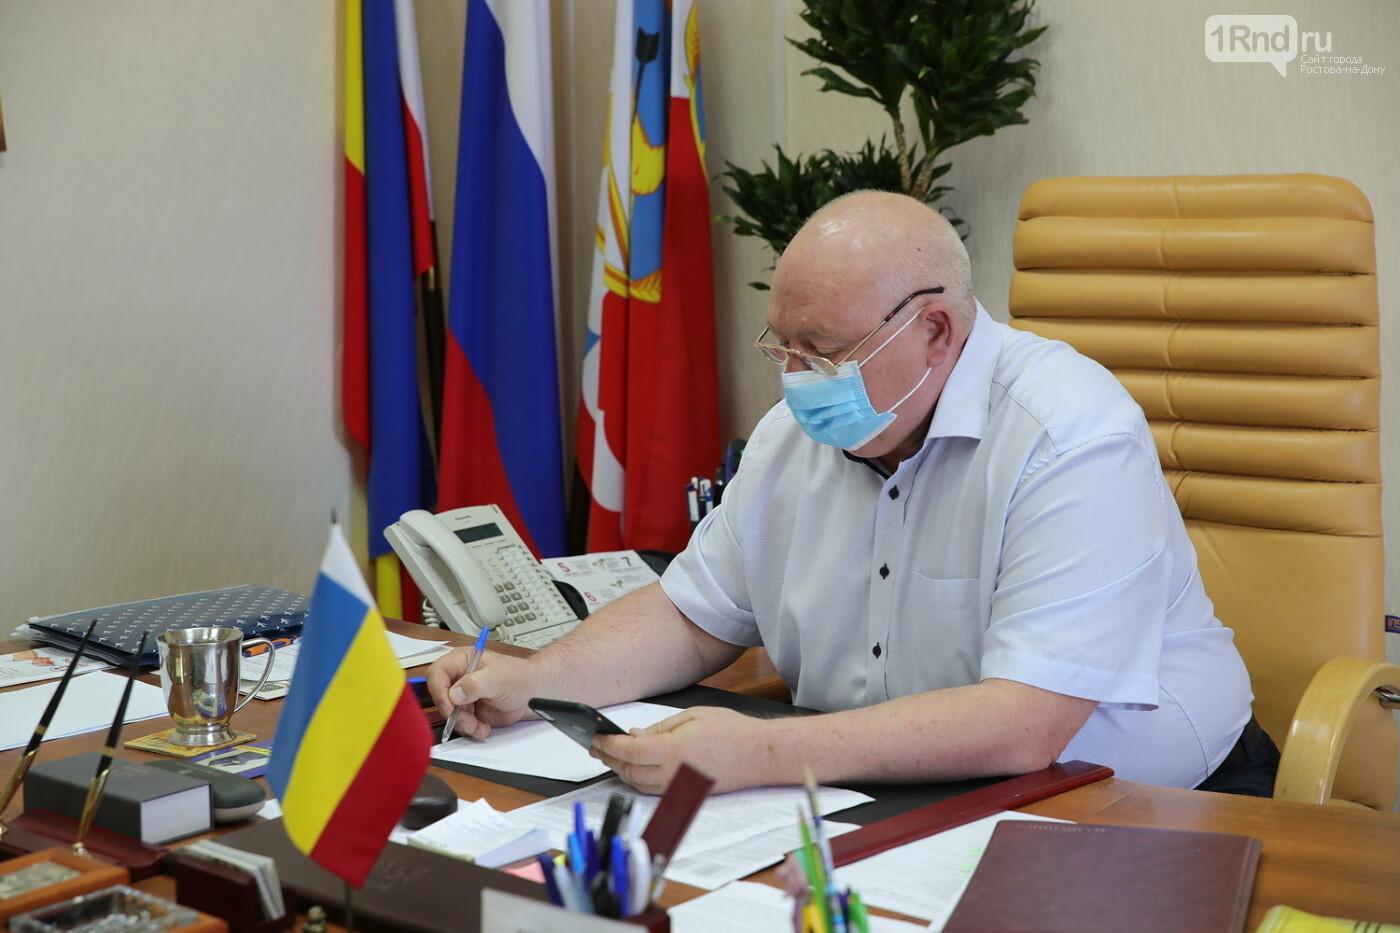 Сити-менеджер Каменска-Шахтинского уволился после разговора с губернатором